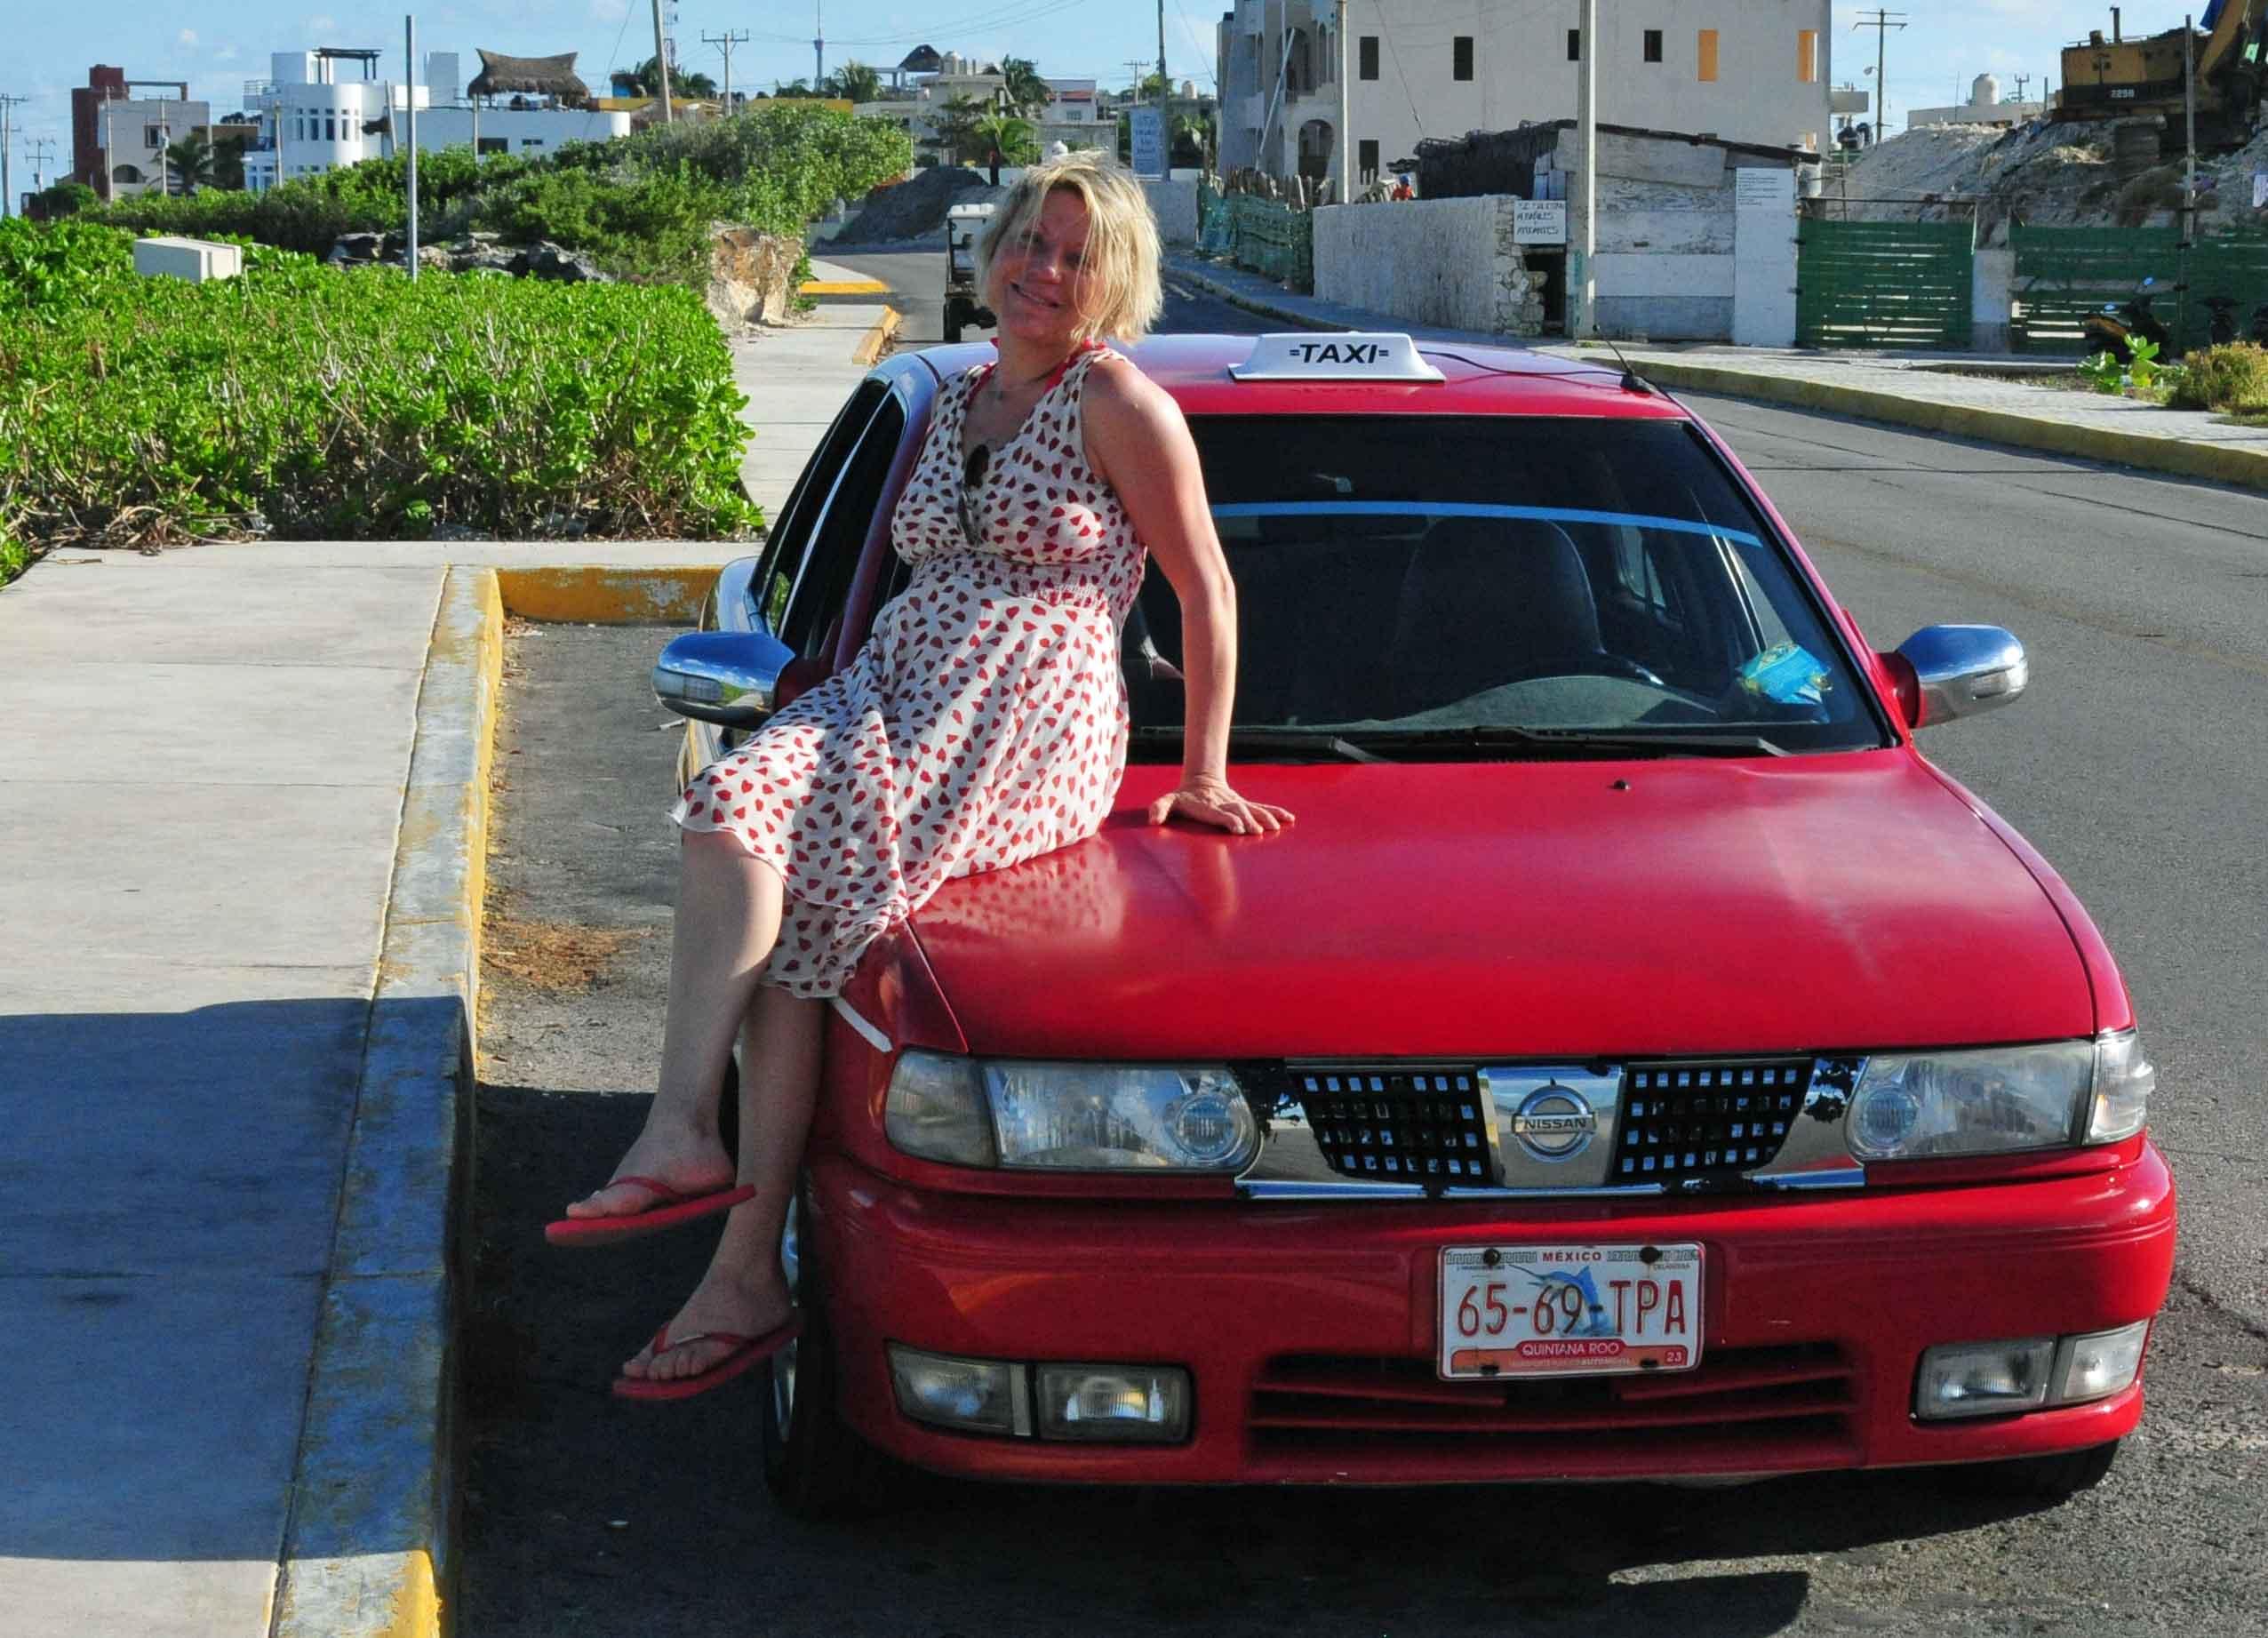 Silke posiert auf der Motorhaube eines roten taxis.